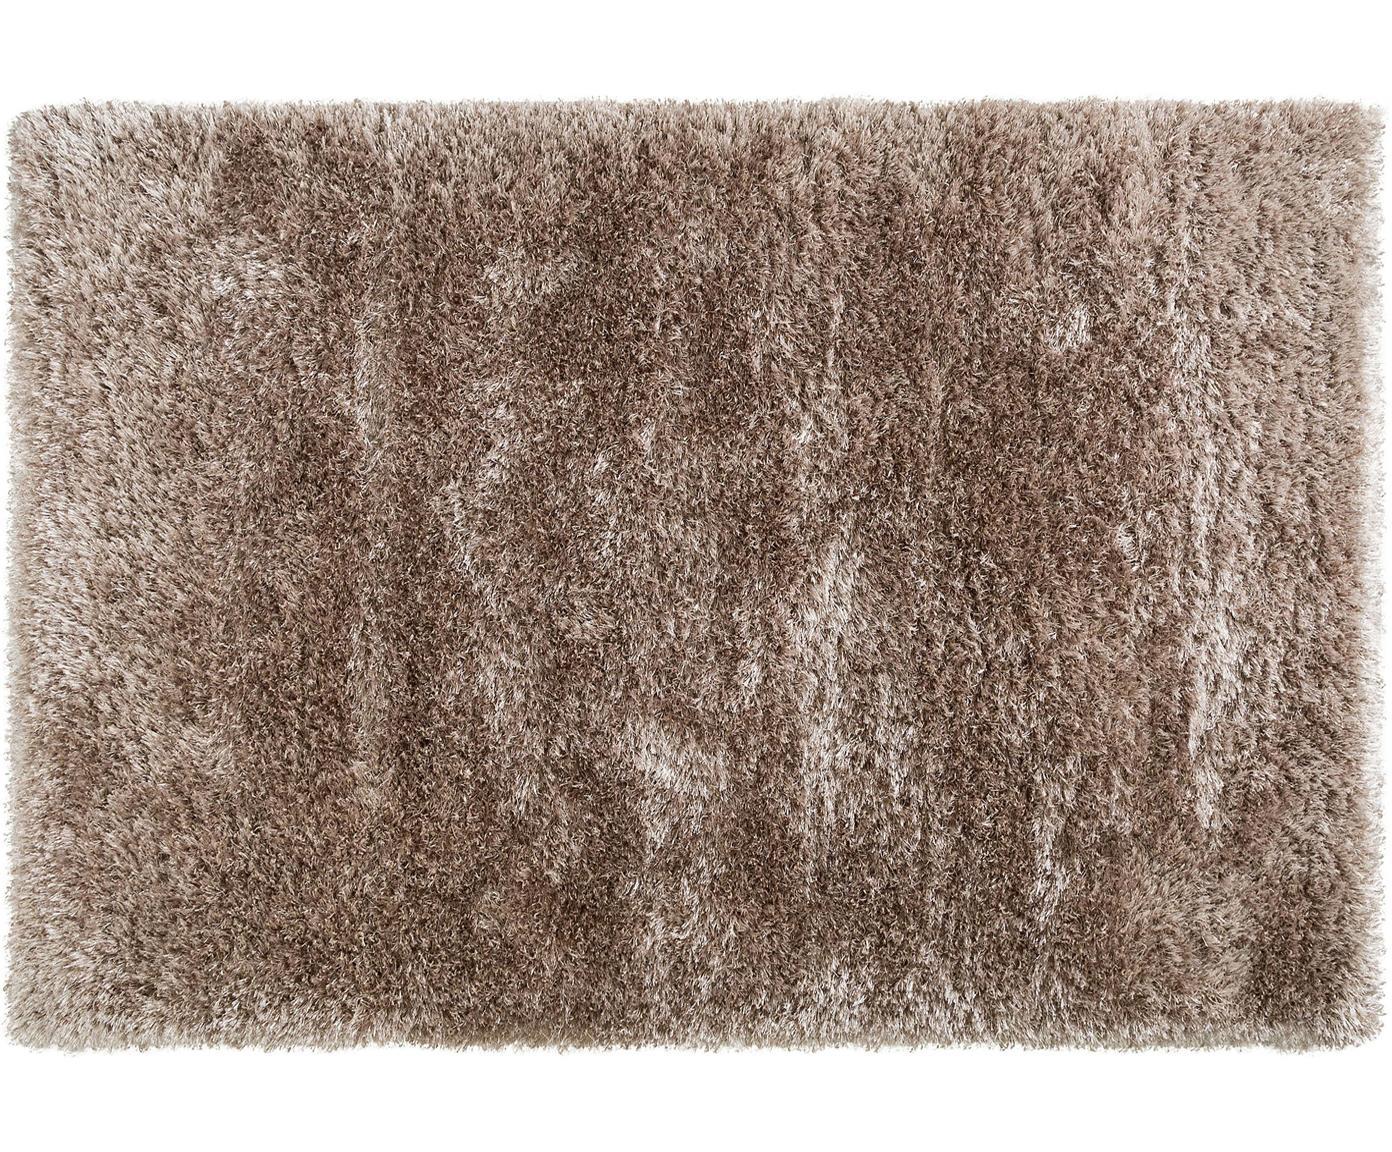 Alfombra de pelo largo Lea, 50%poliéster, 50%polipropileno, Beige, An 140 x L 200 cm (Tamaño S)